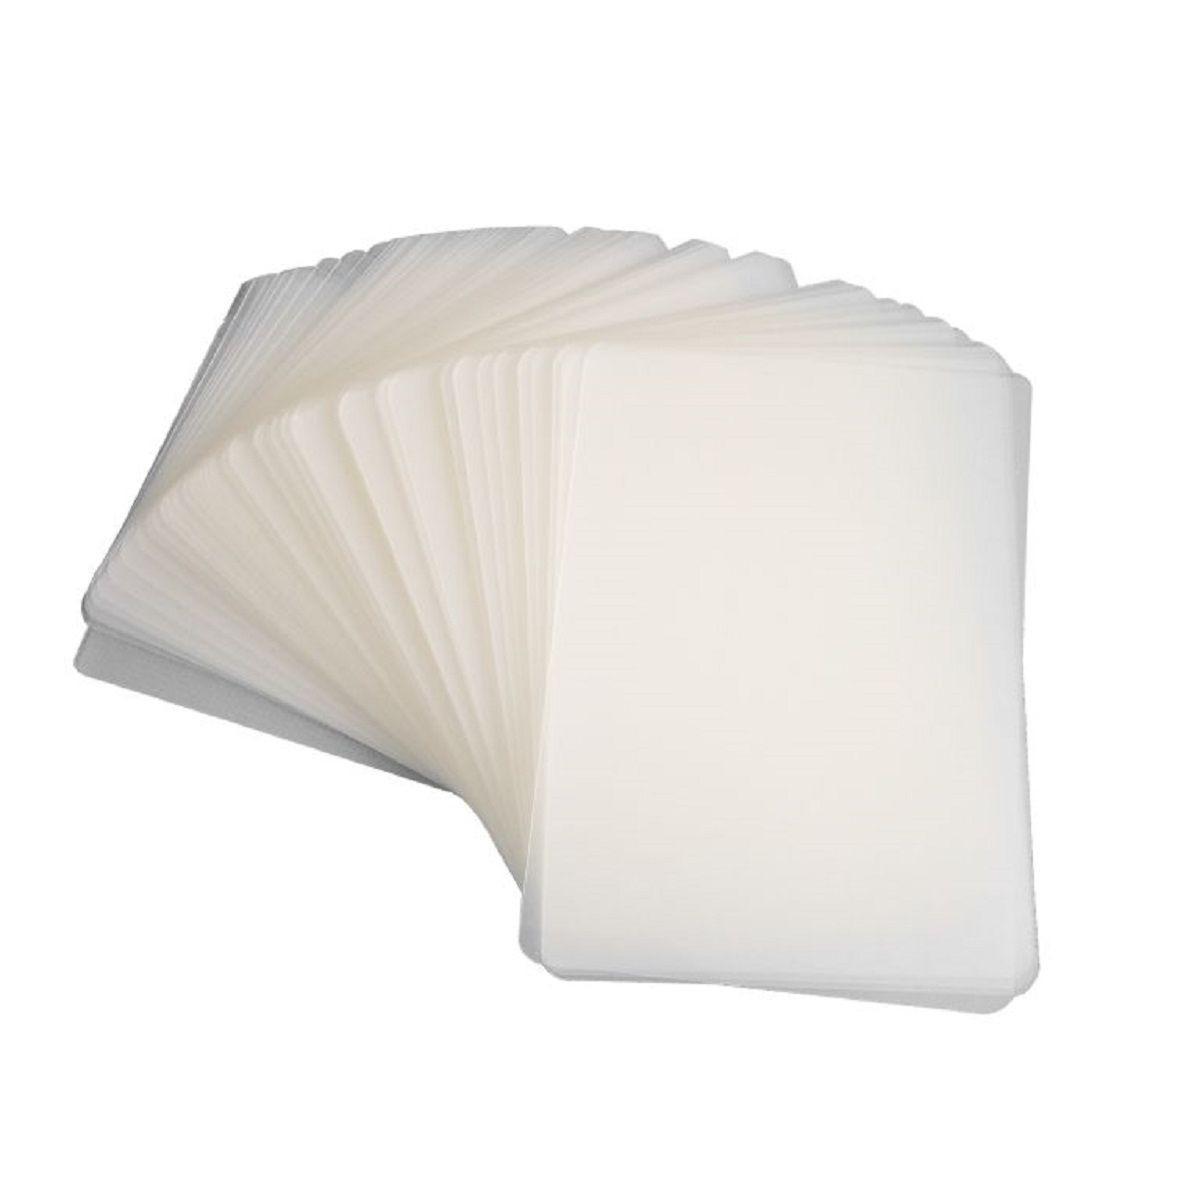 Polaseal para Plastificação A4 220x307x0,07mm (175 micras) - Pacote com 100 unidades  - Click Suprimentos